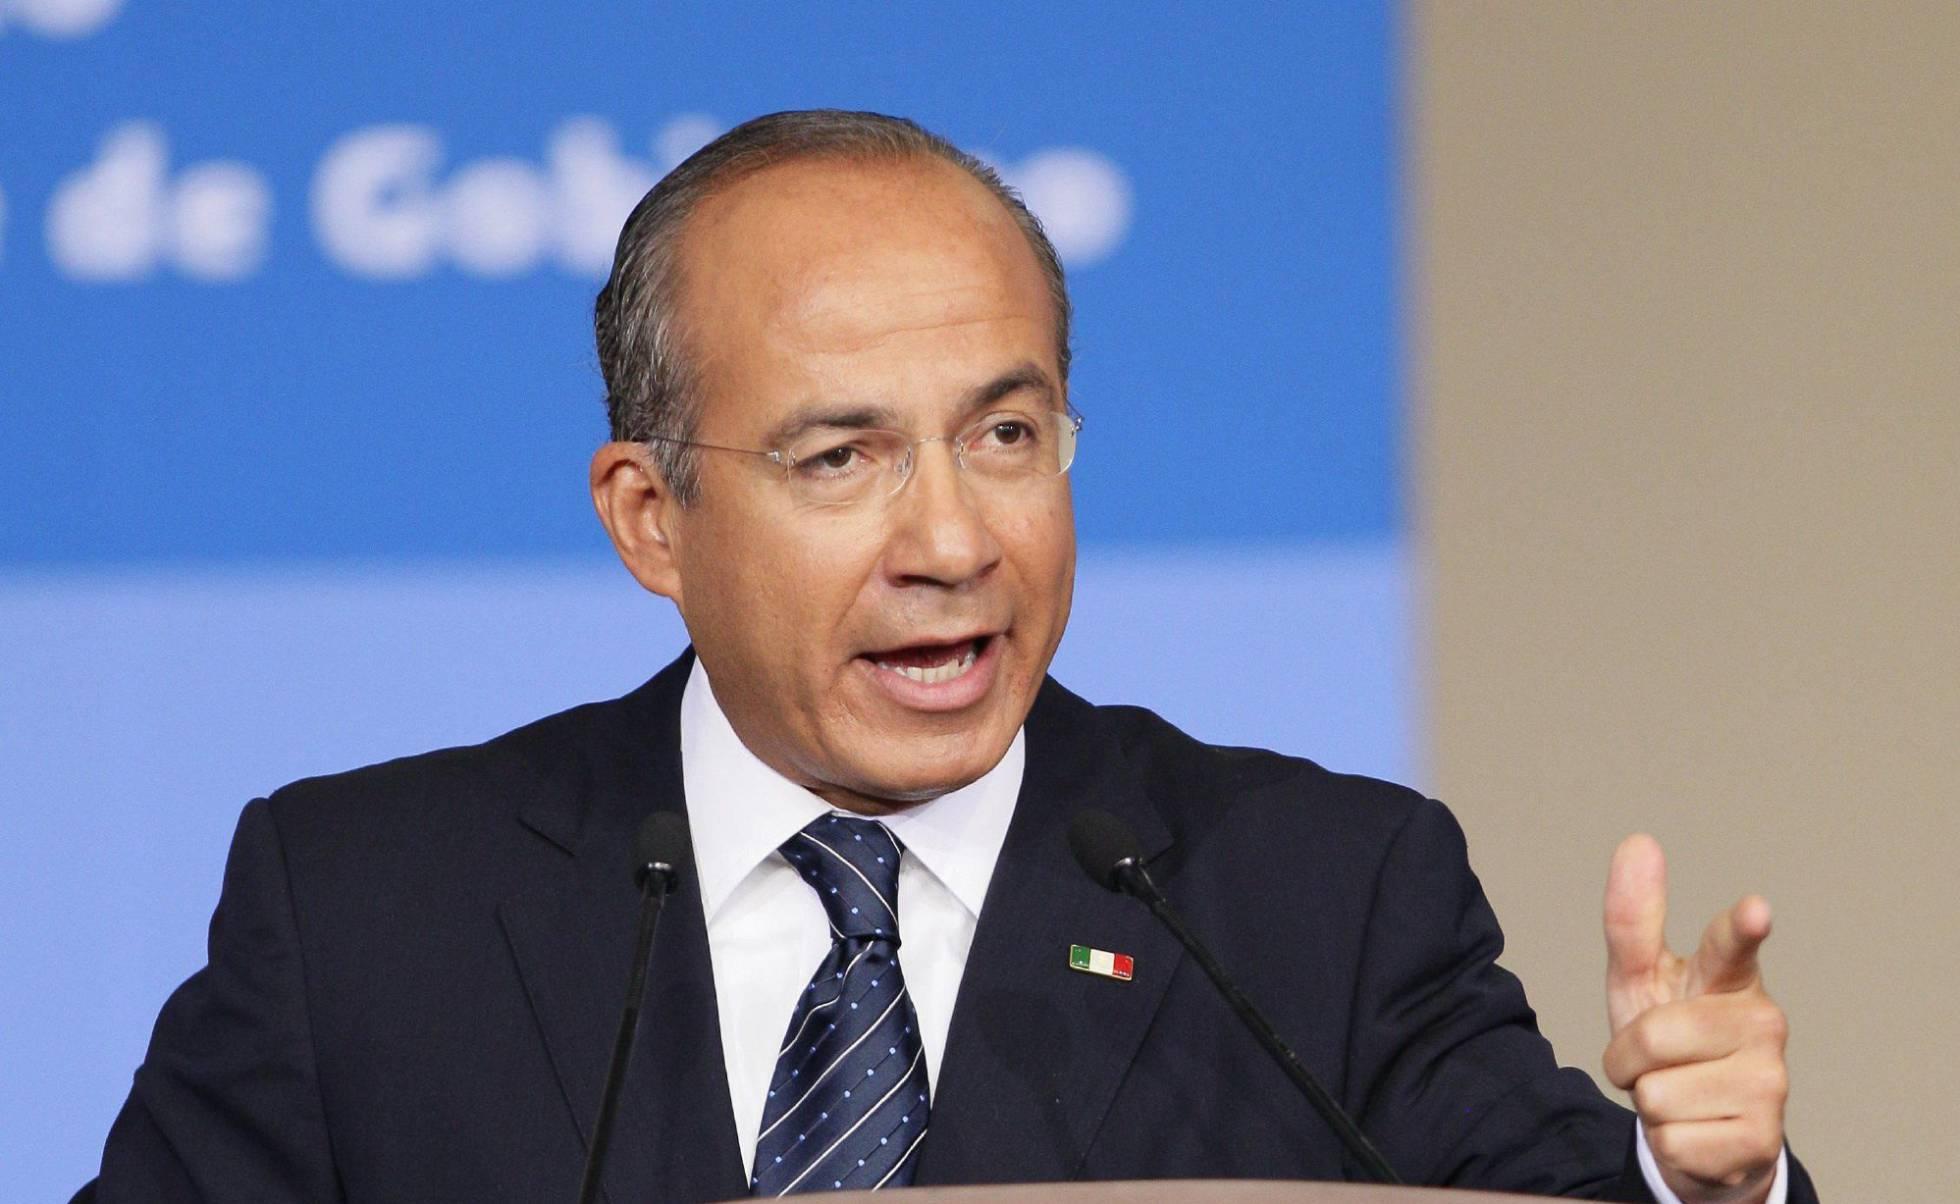 El expresidente mexicano Felipe Calderón renuncia al Partido Acción Nacional